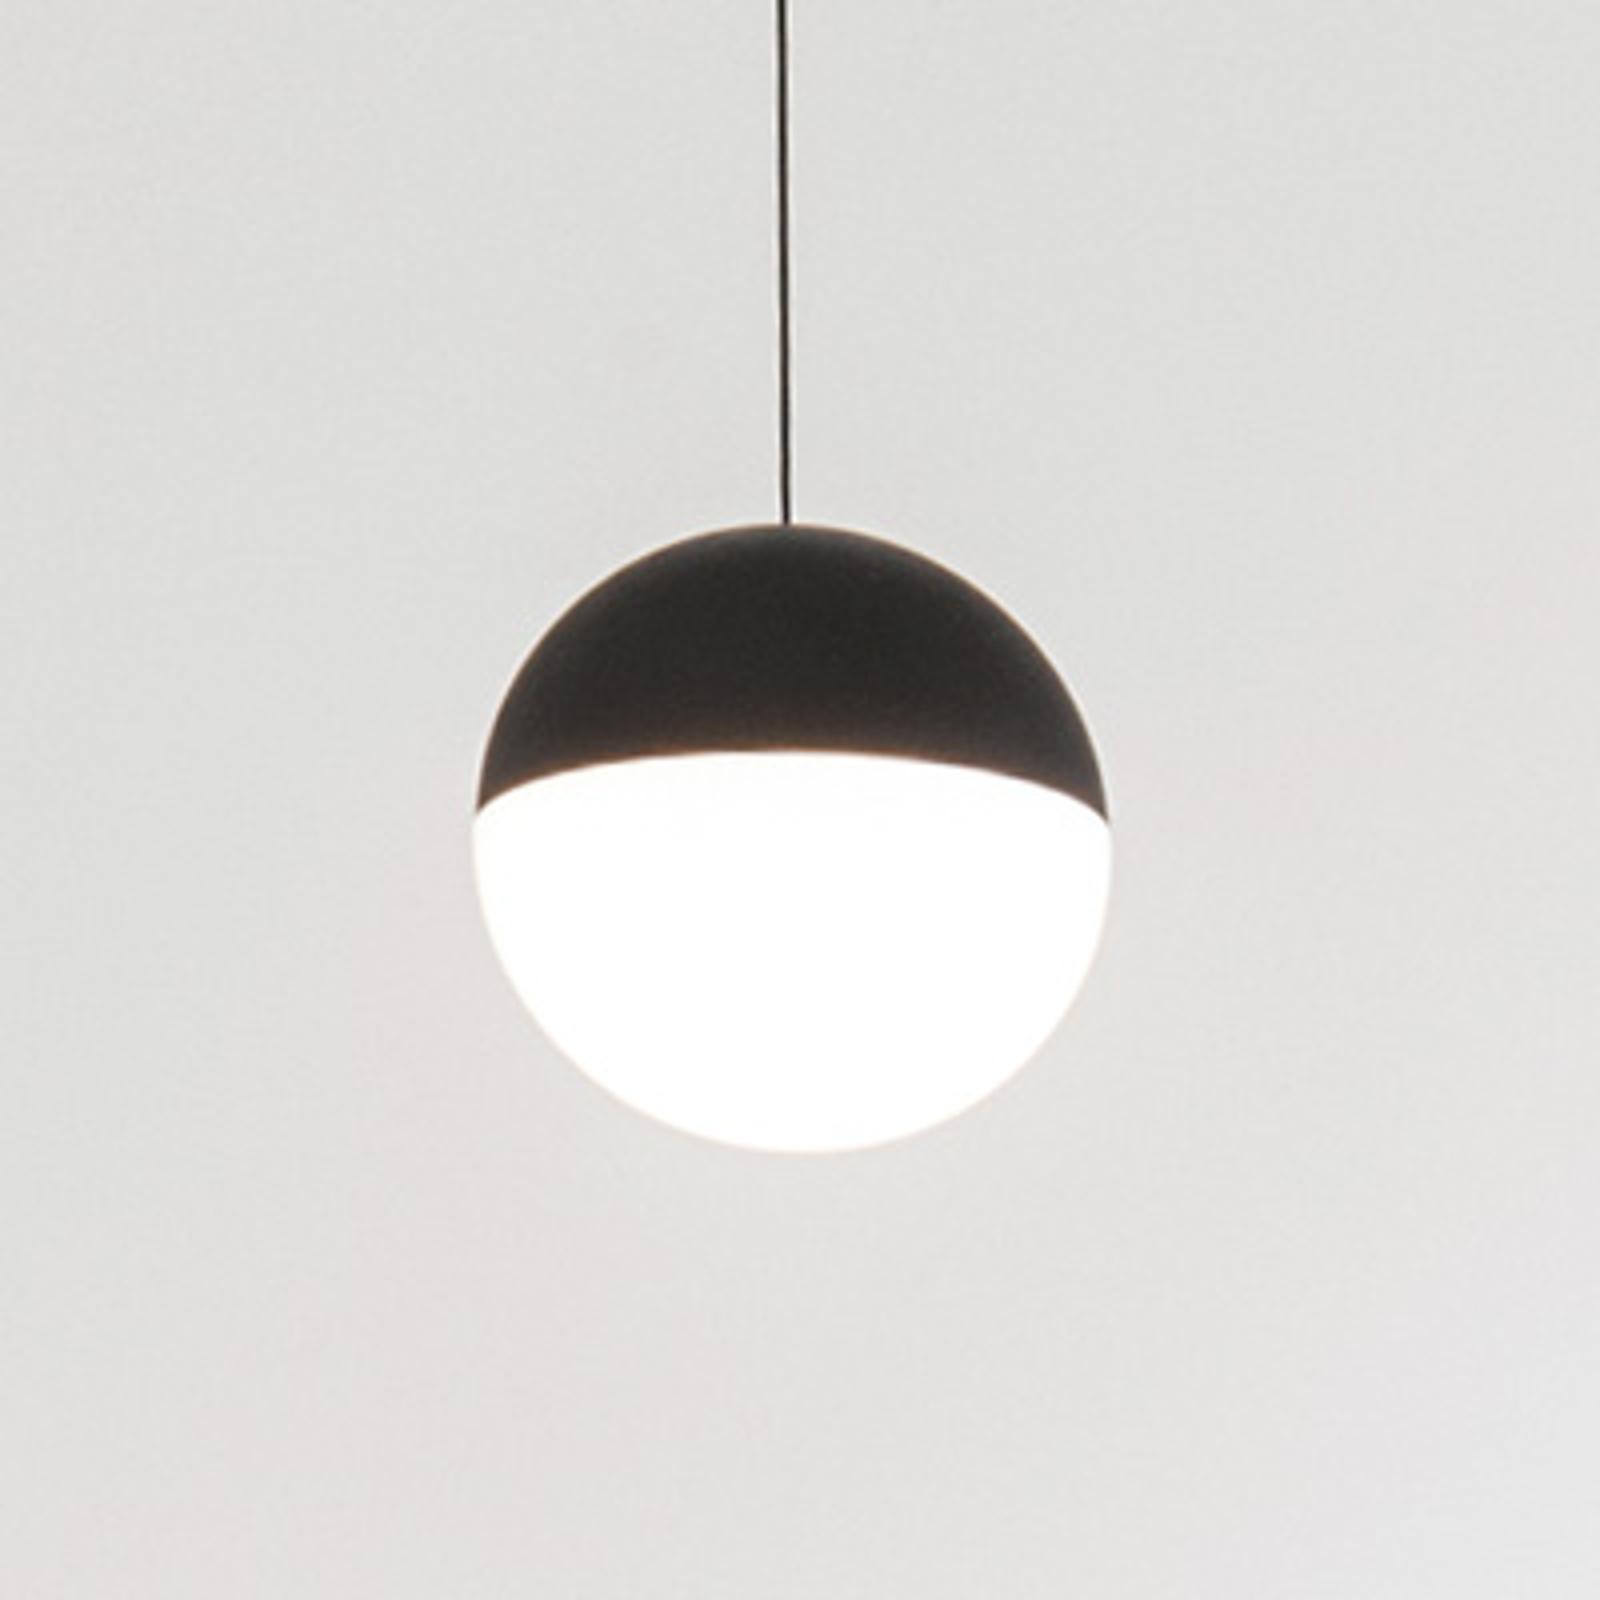 Kulista lampa wisząca STRING LIGHT, kabel 12 m